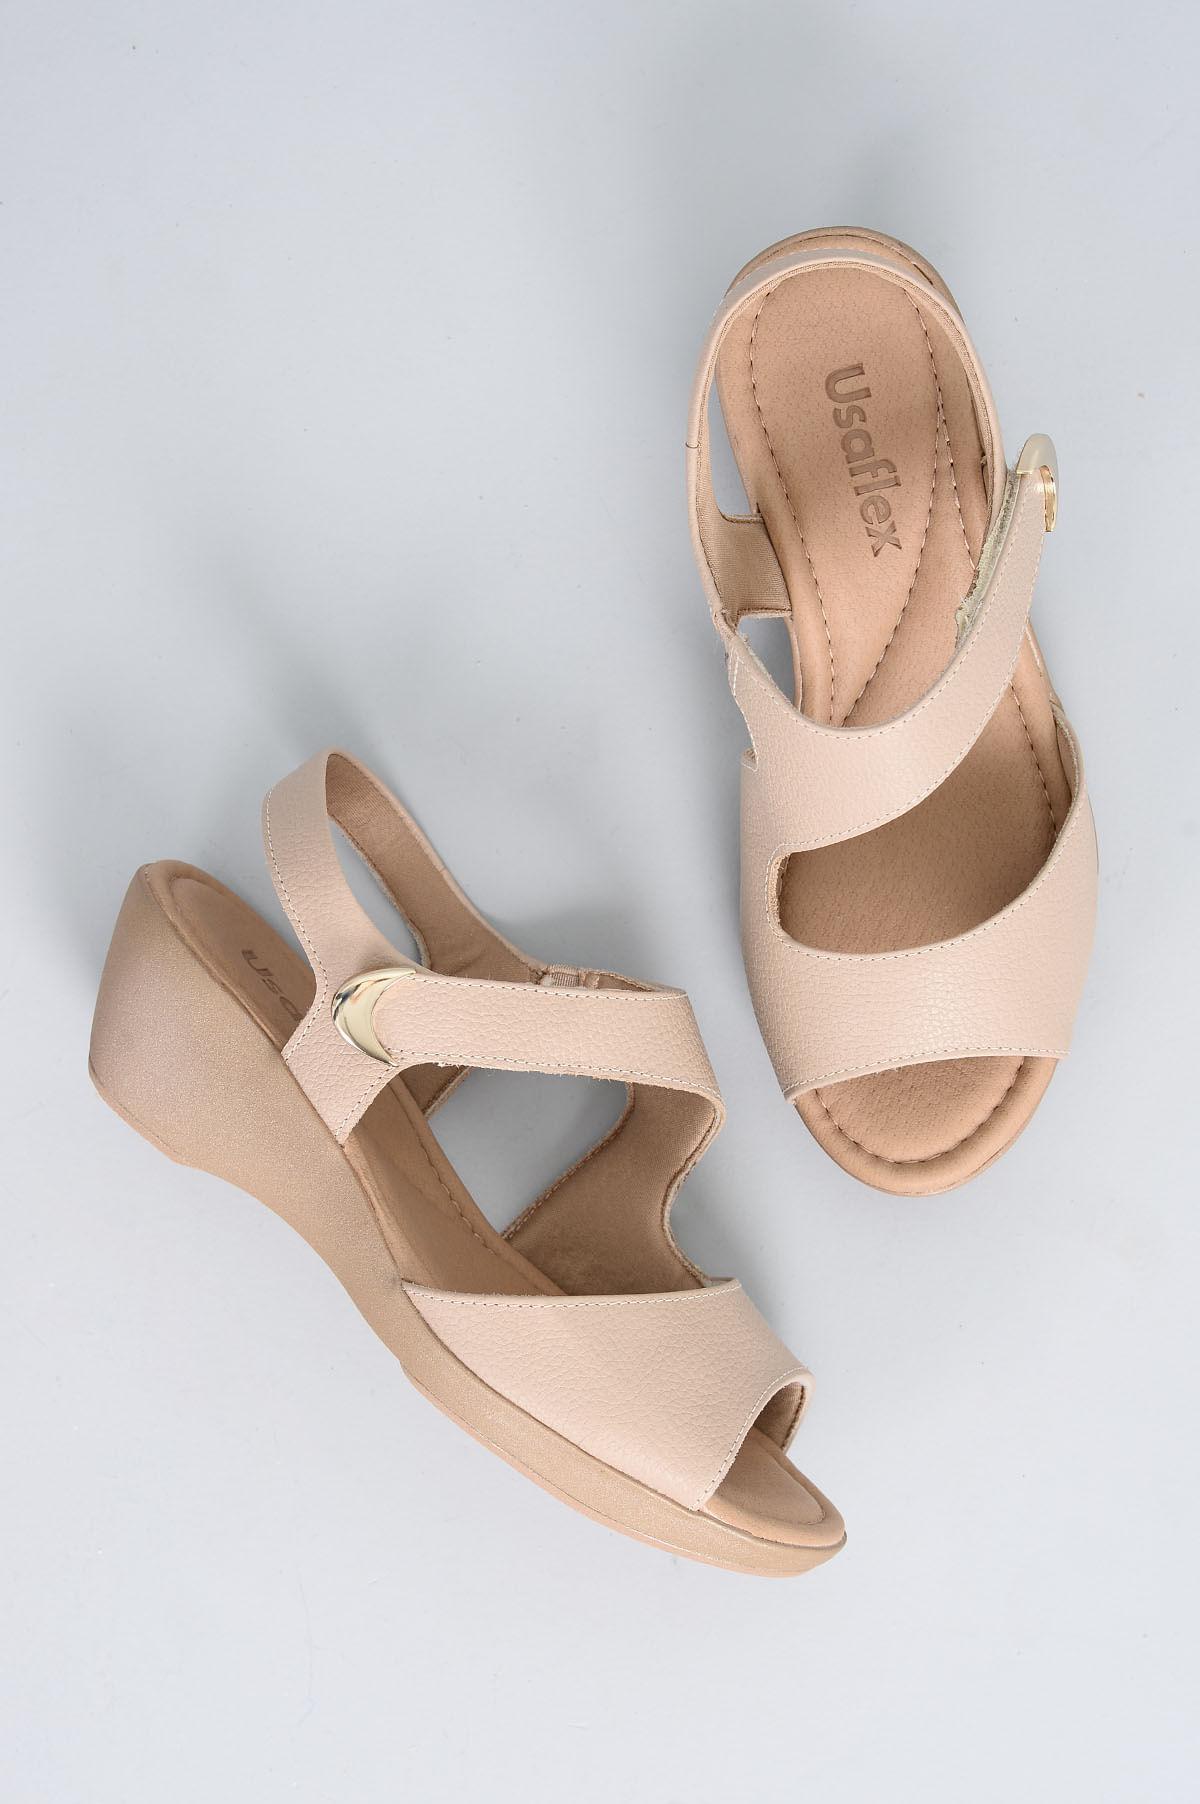 afcb6ec05 Sandália Feminina Salto Médio Sage Usaflex CR - BEGE - Mundial Calçados